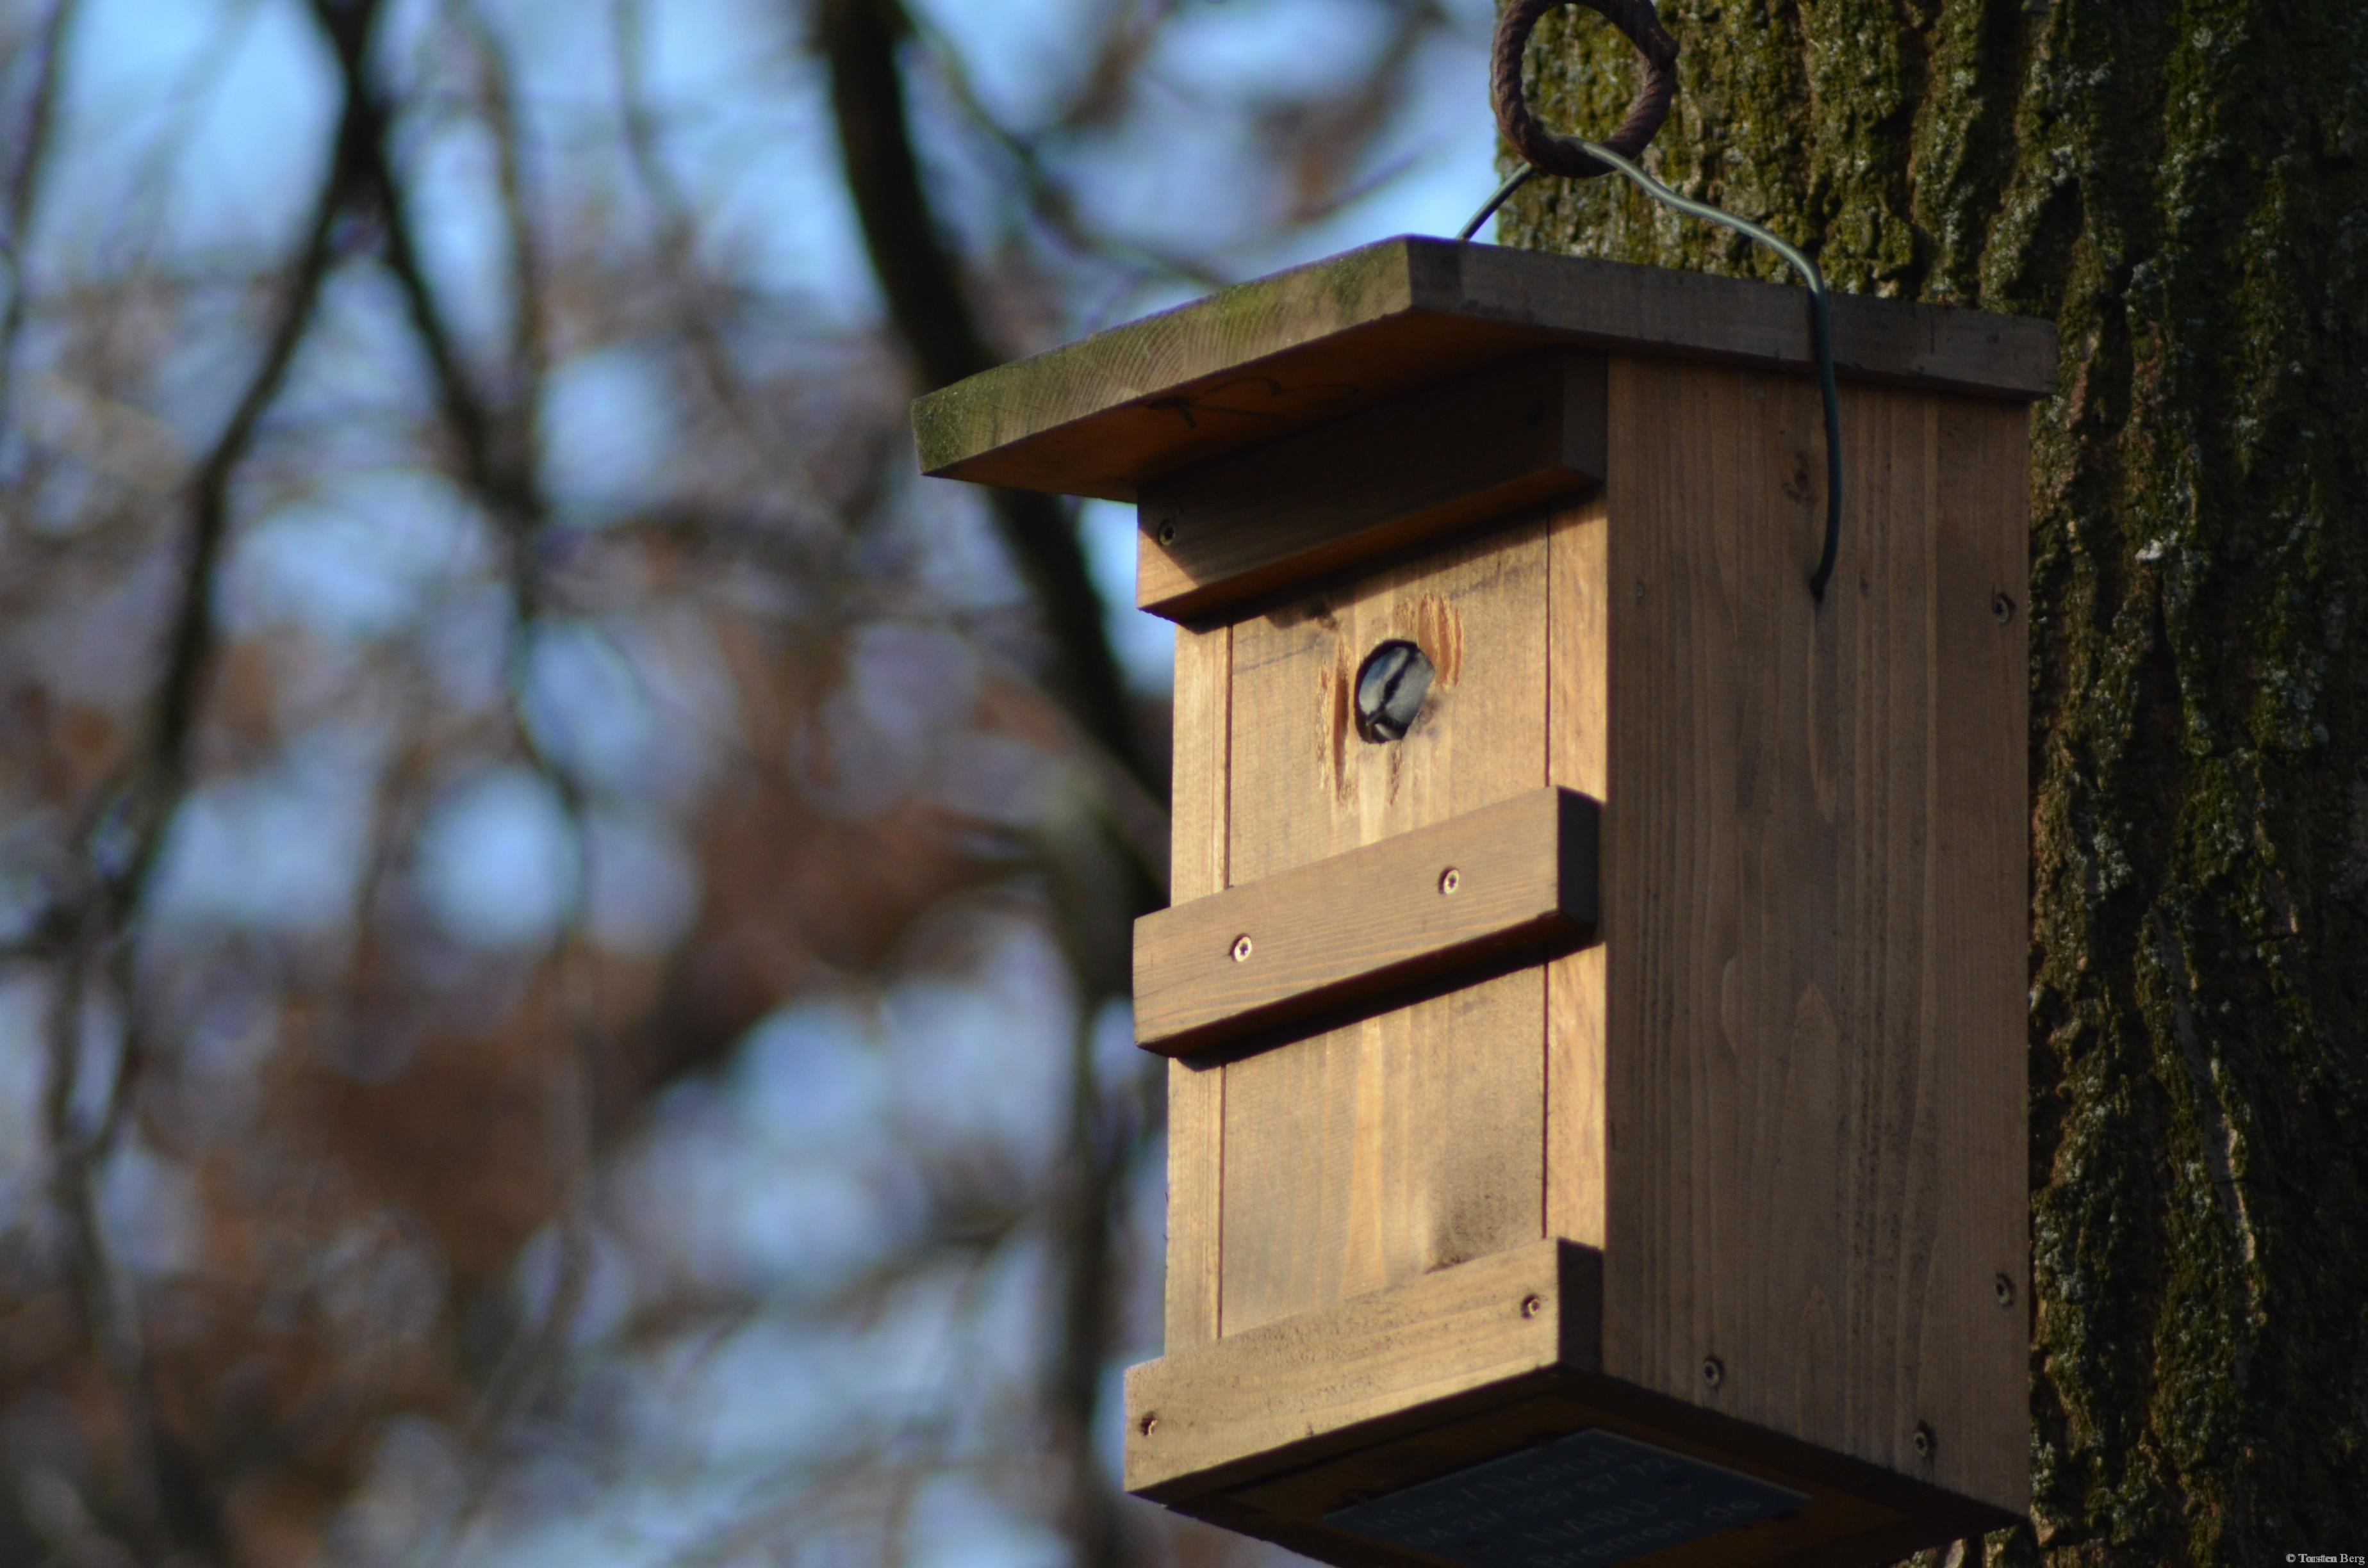 Staatlich gefördertes Wohnungsbauprogramm für Singvögel - Nistkastenprojekt des NABU